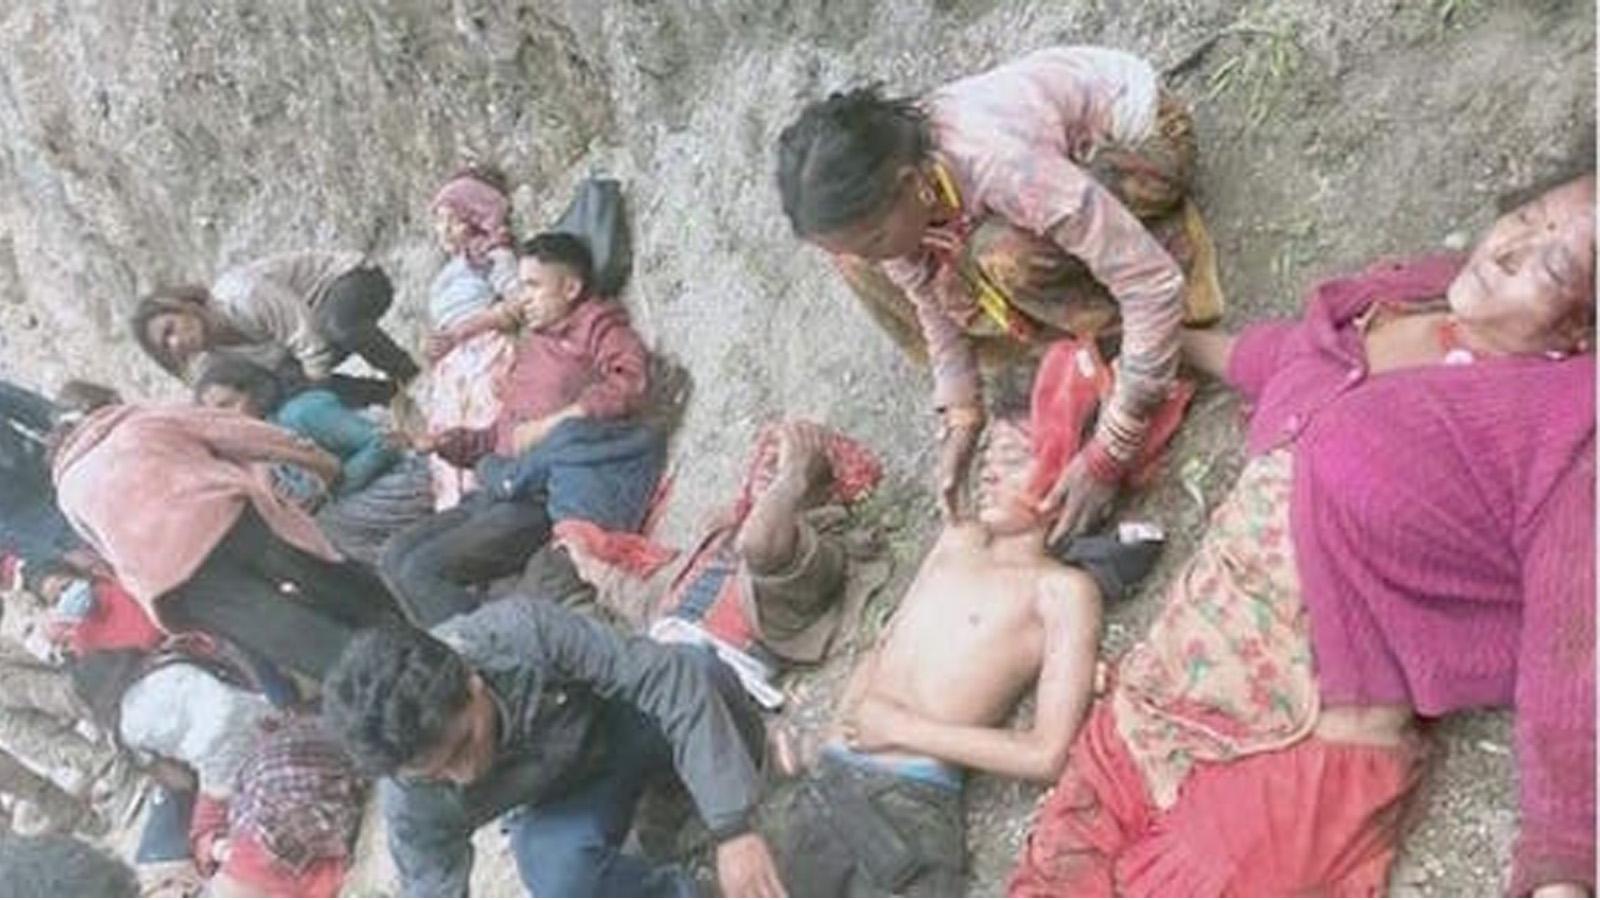 मुगु दुर्घटनामा ज्यान गुमाउनेको संख्या चालकसहित ३२ पुग्यो